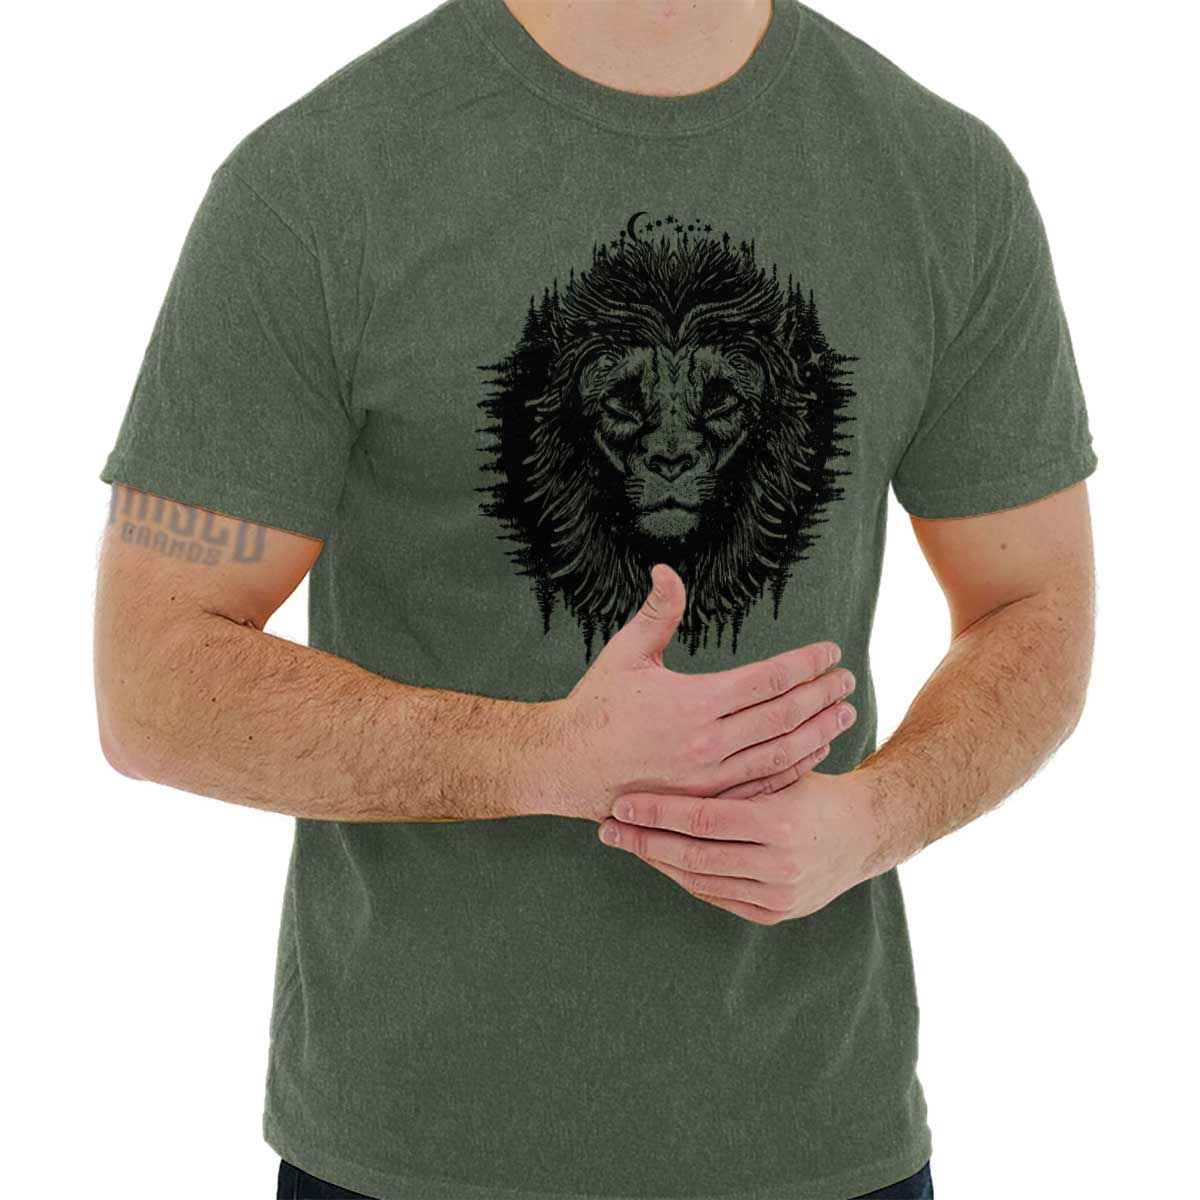 Spirit Lions Mane Symbolic Spiritual Animal Crewneck Sweat Shirts Sweatshirts